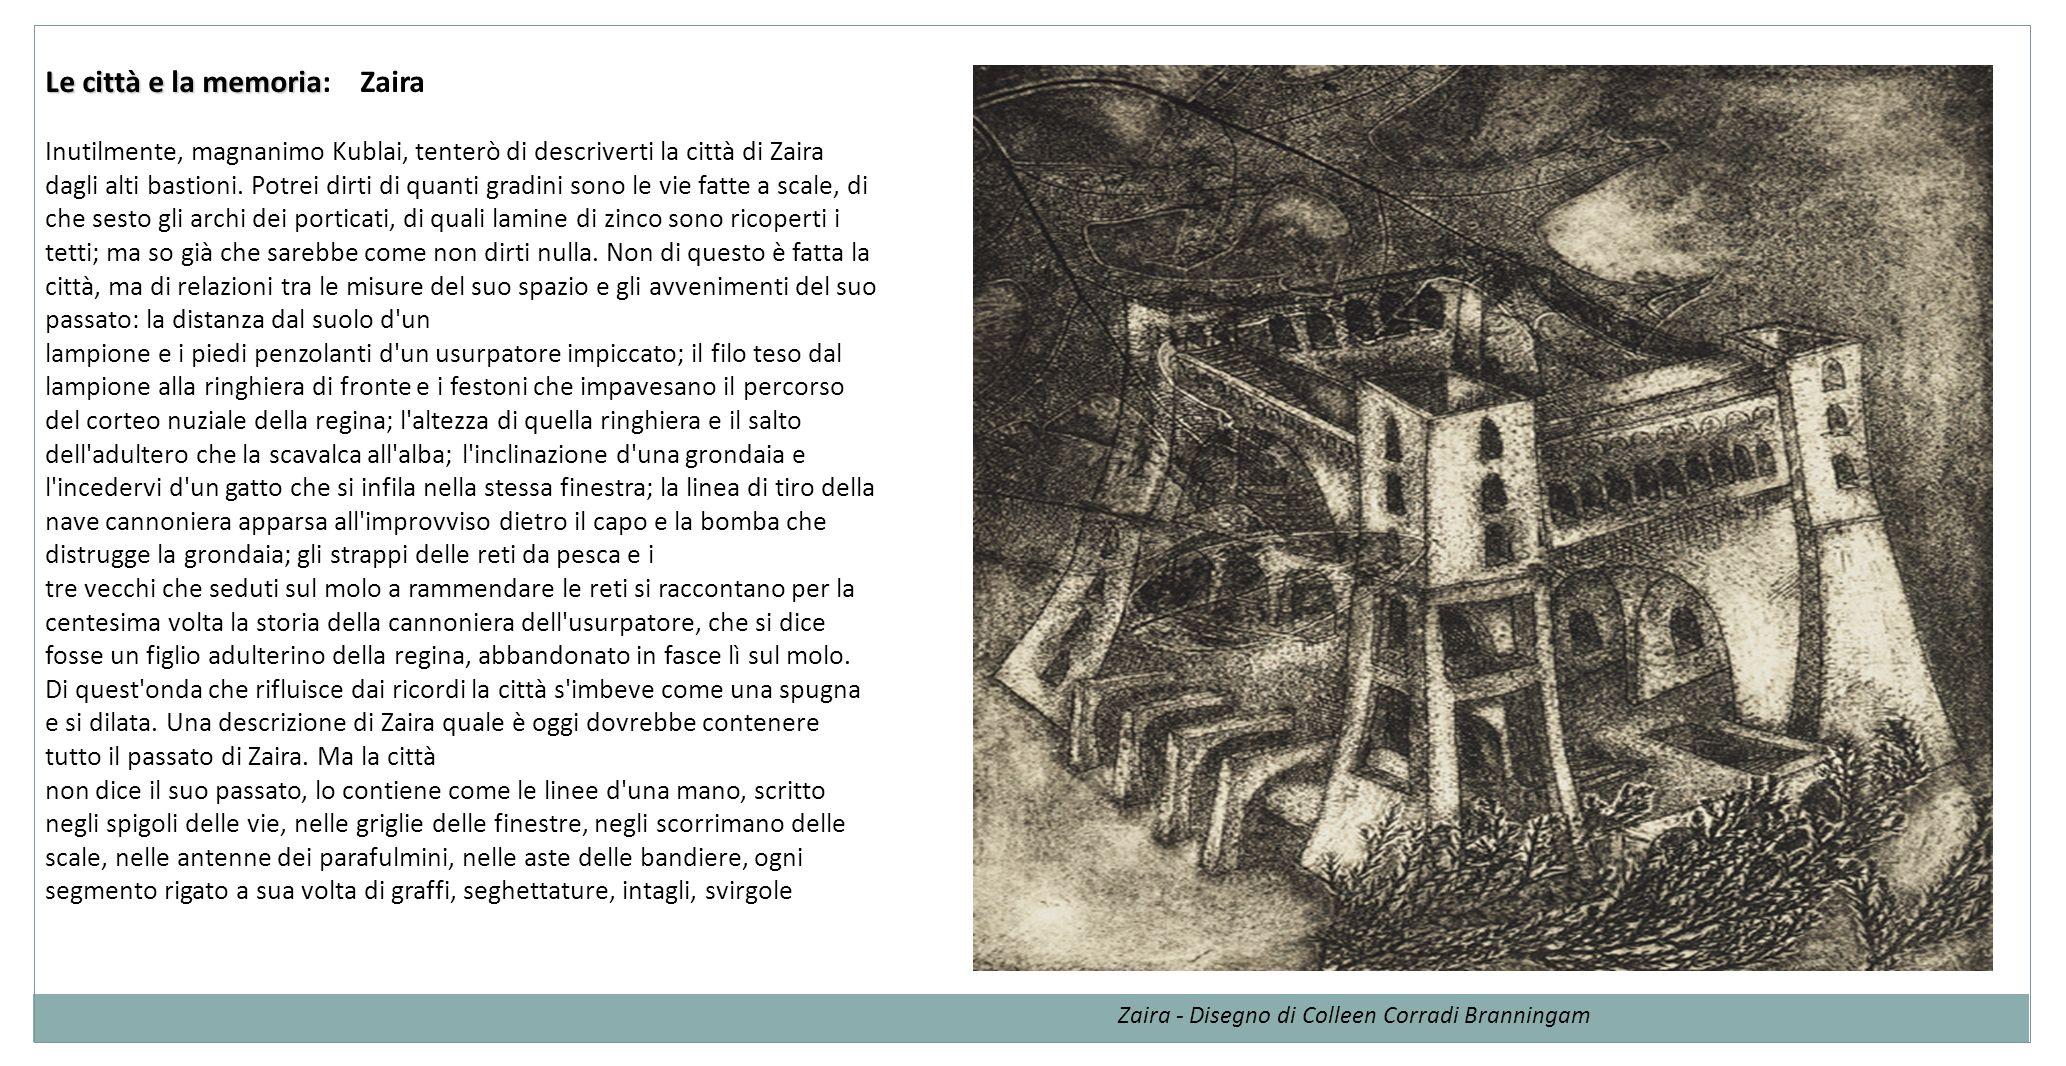 Le città e la memoria: Zaira